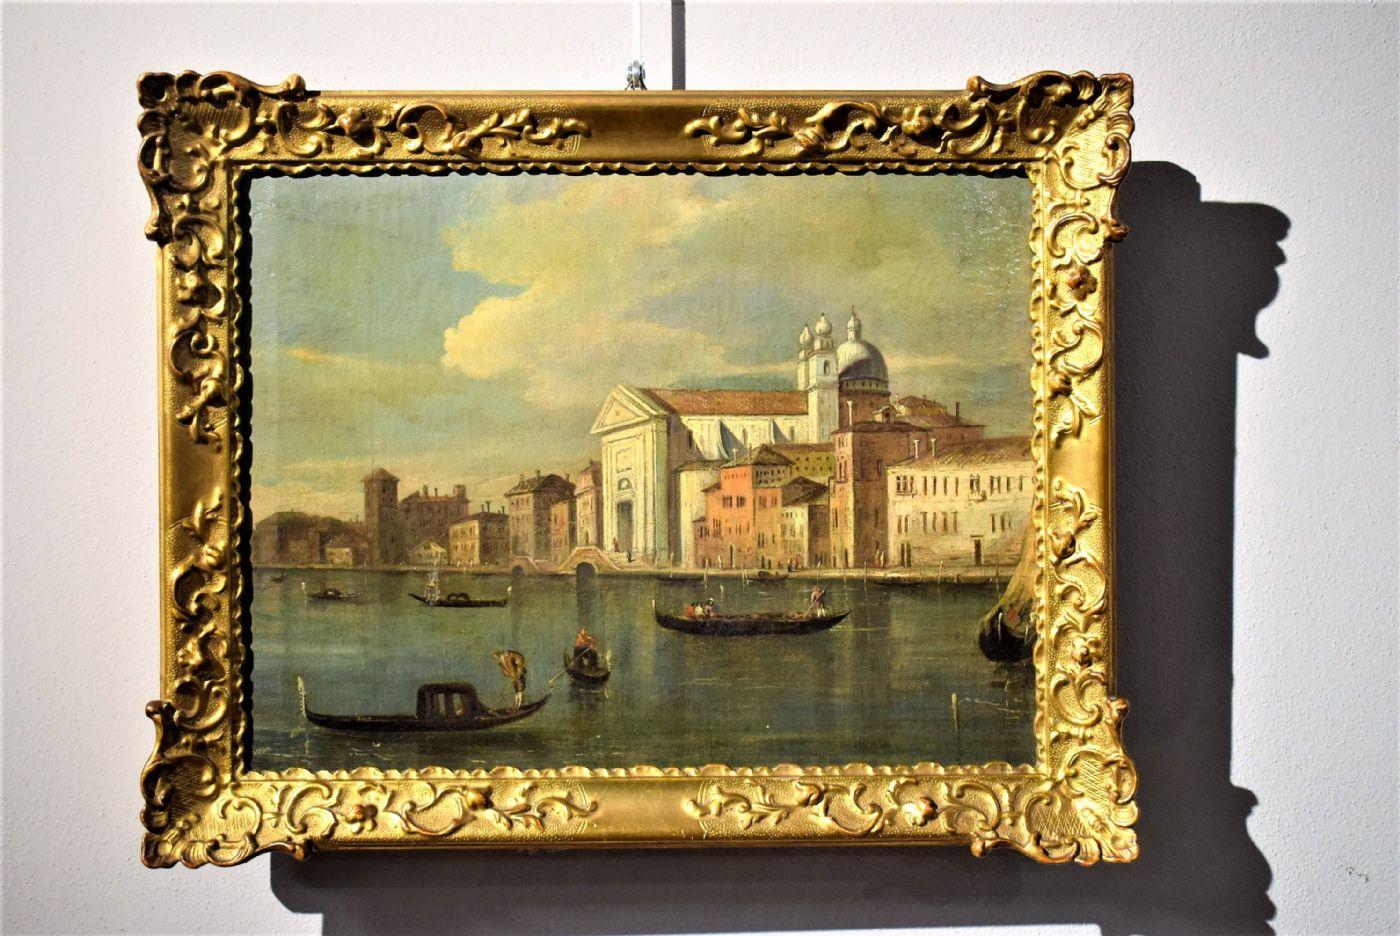 Veduta di venezia antiquariato su anticoantico for Antiquariato venezia